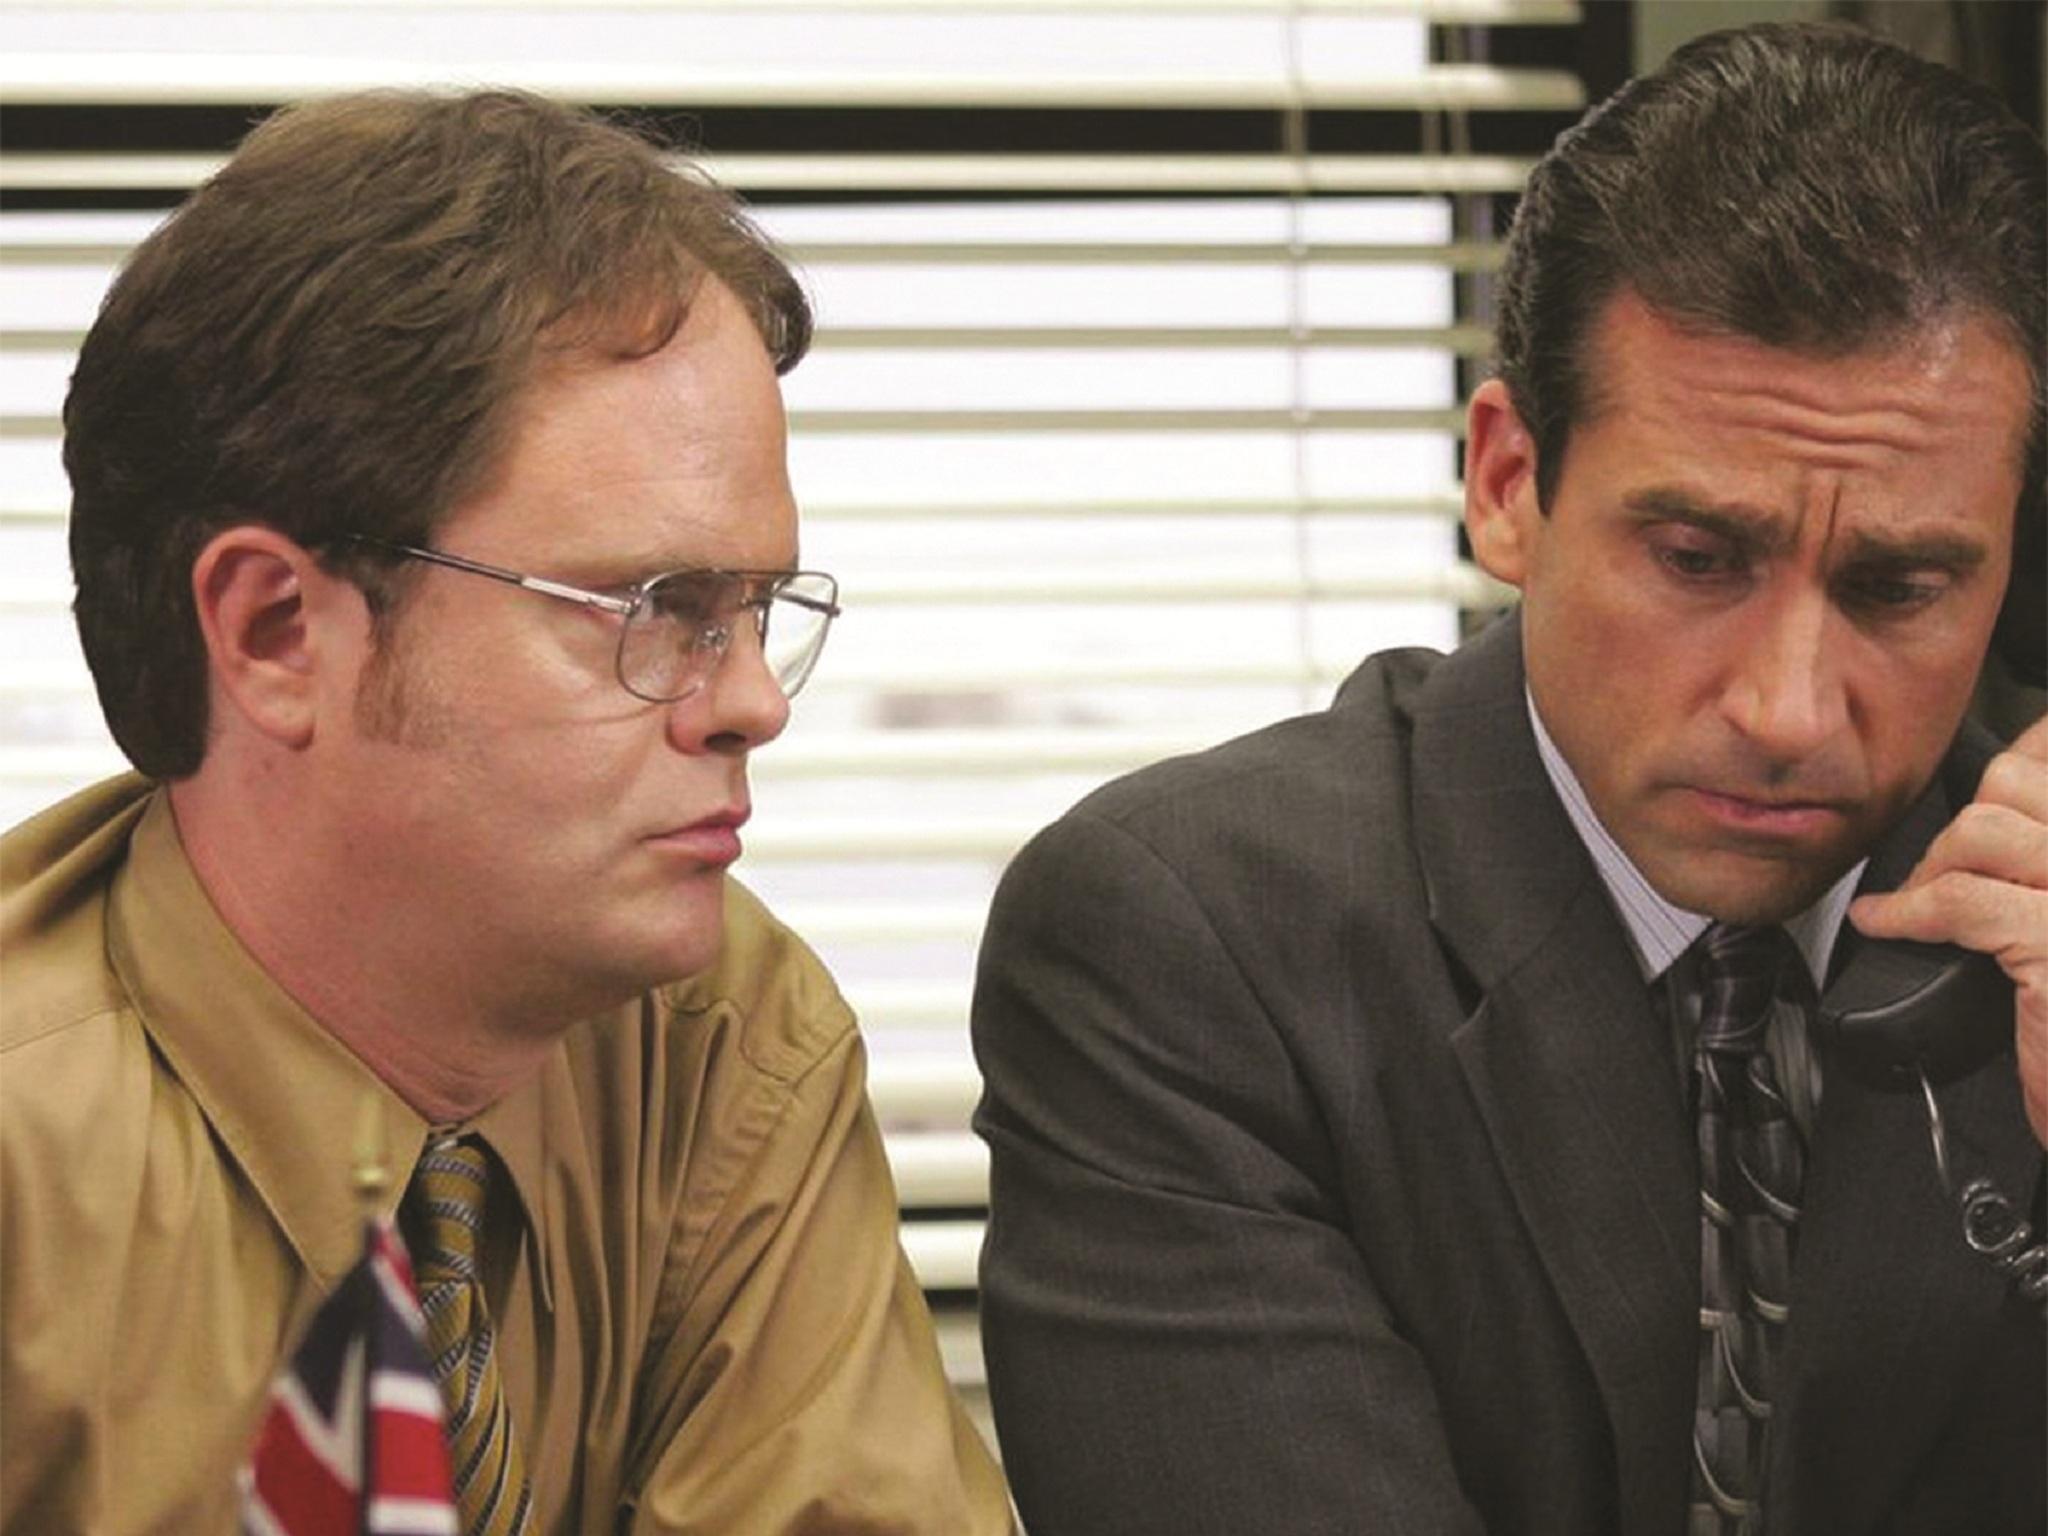 Televisão, Série, The Office